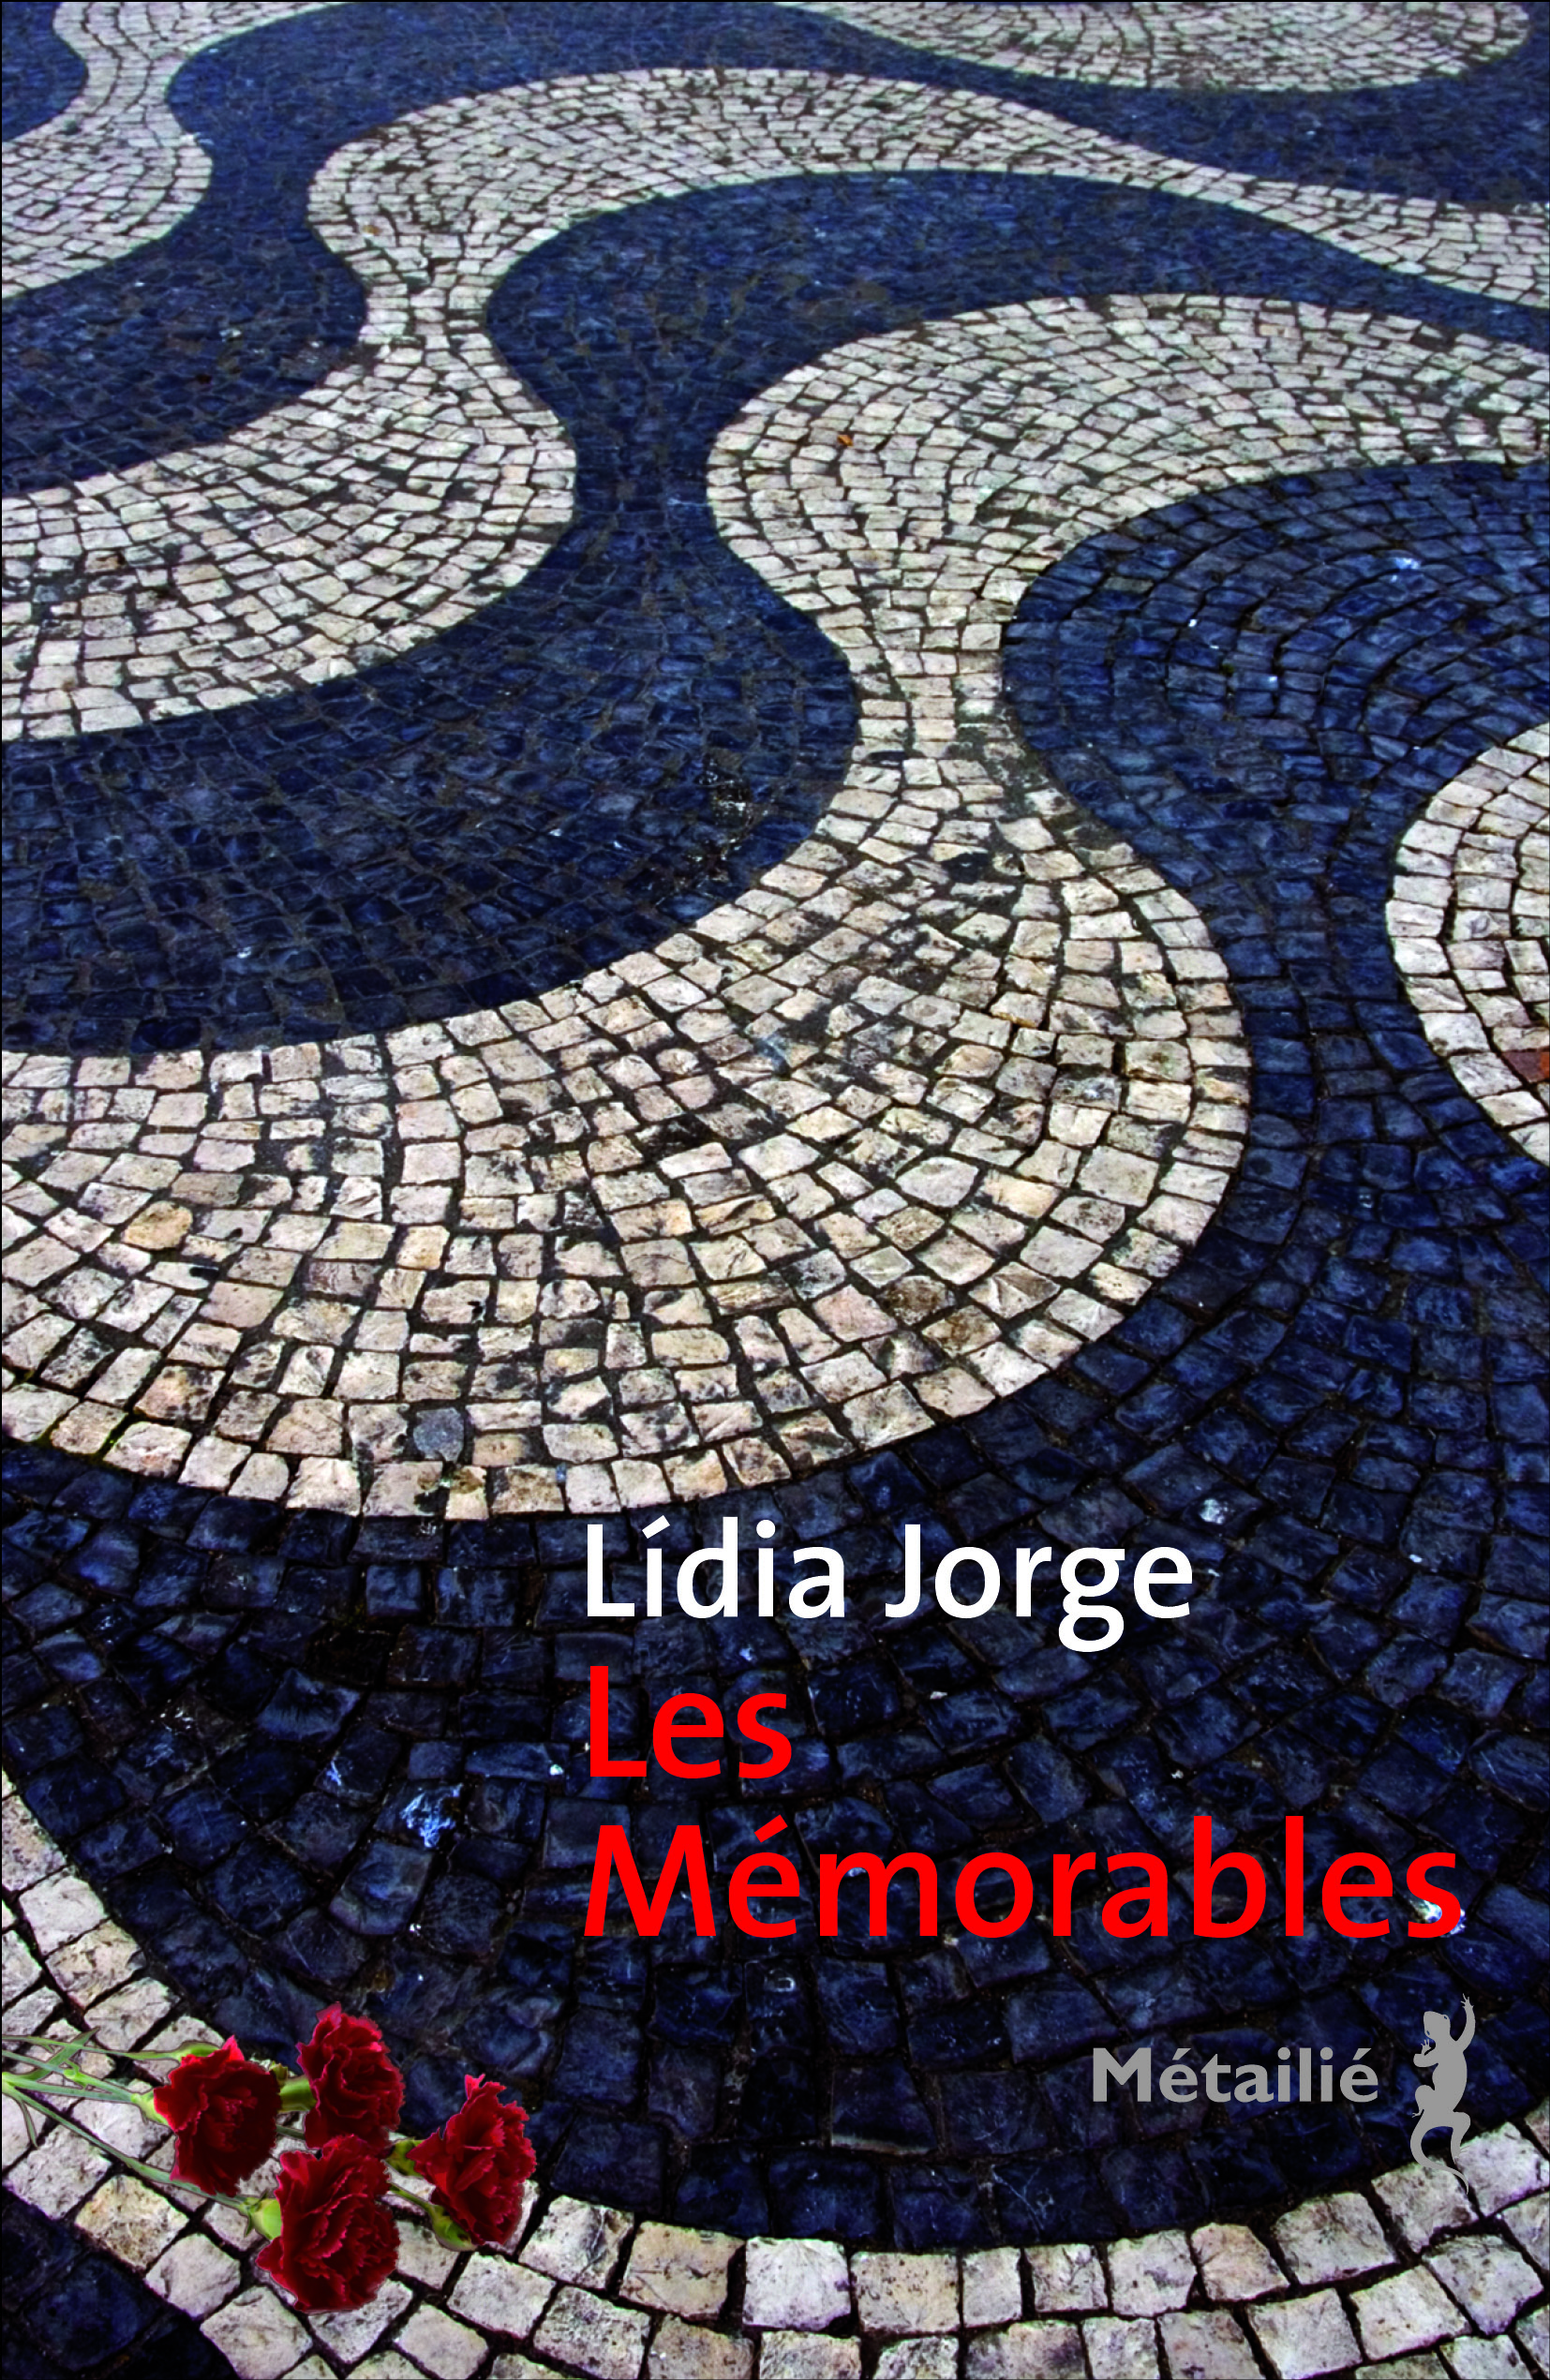 Les Mémorables Lidia Jorge Bibliolingus